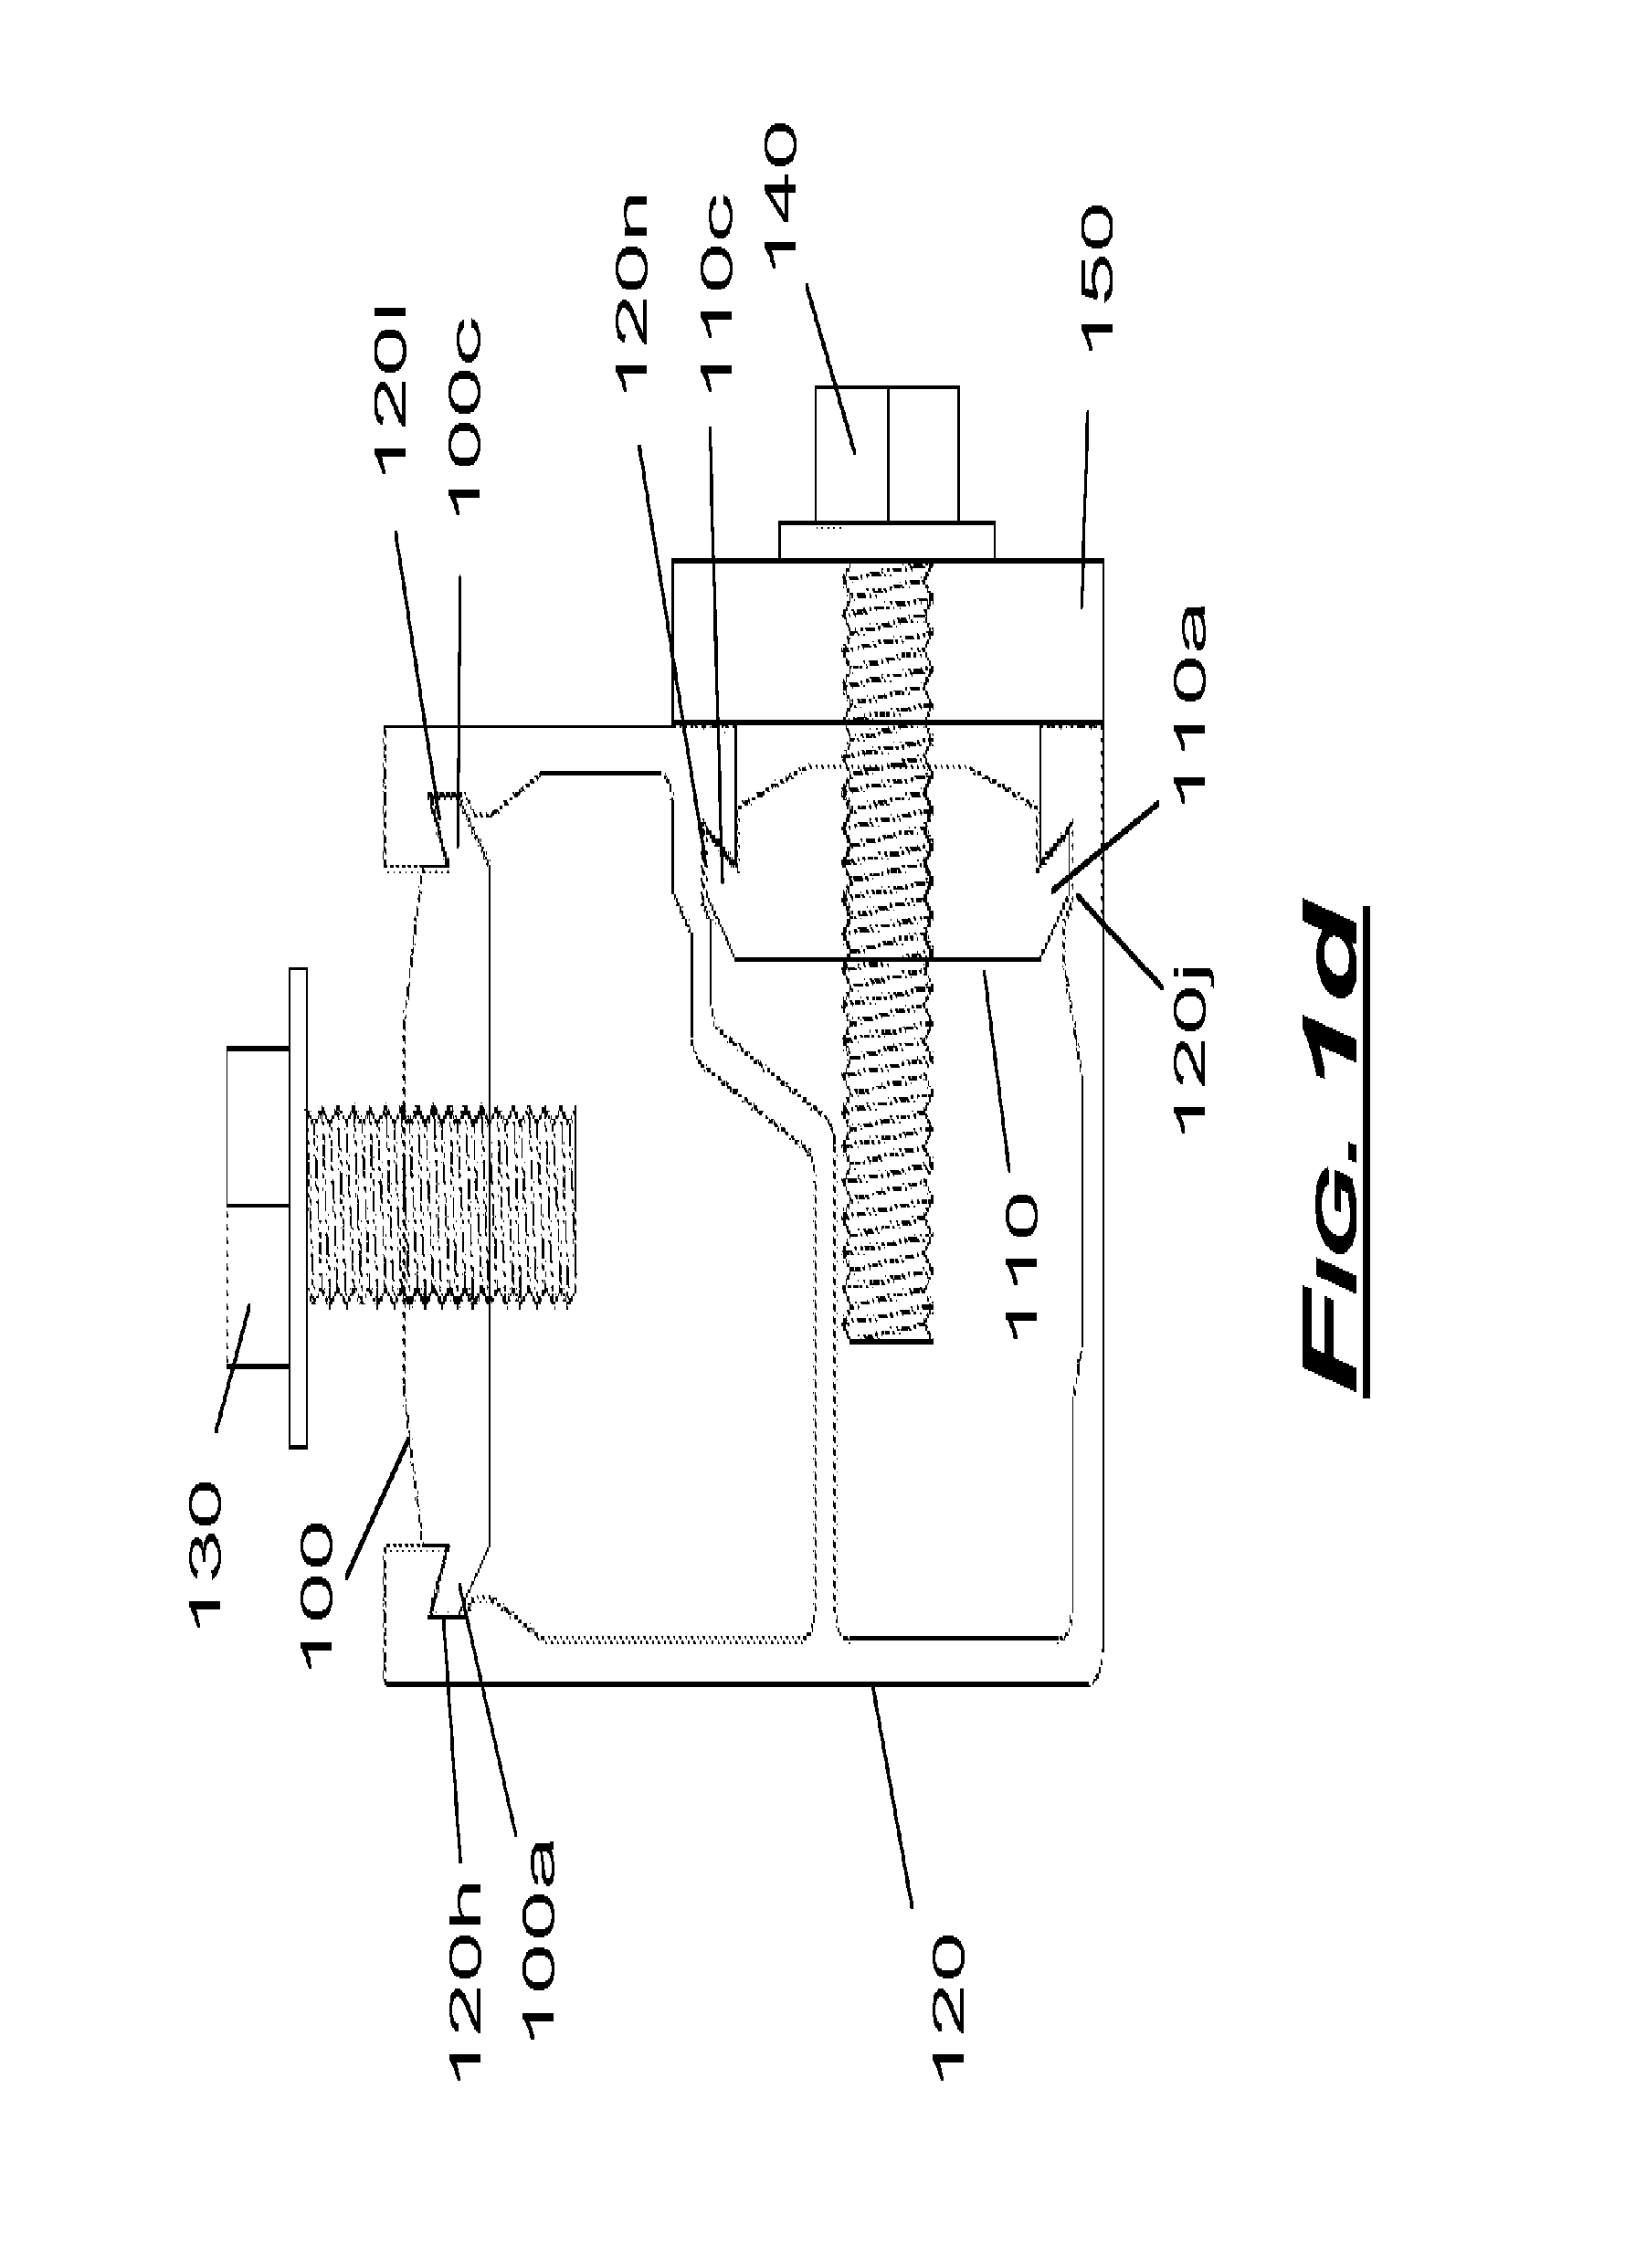 Ford F 150 Transfer Case Diagram On 97 Ford F 150 Gem Module Location